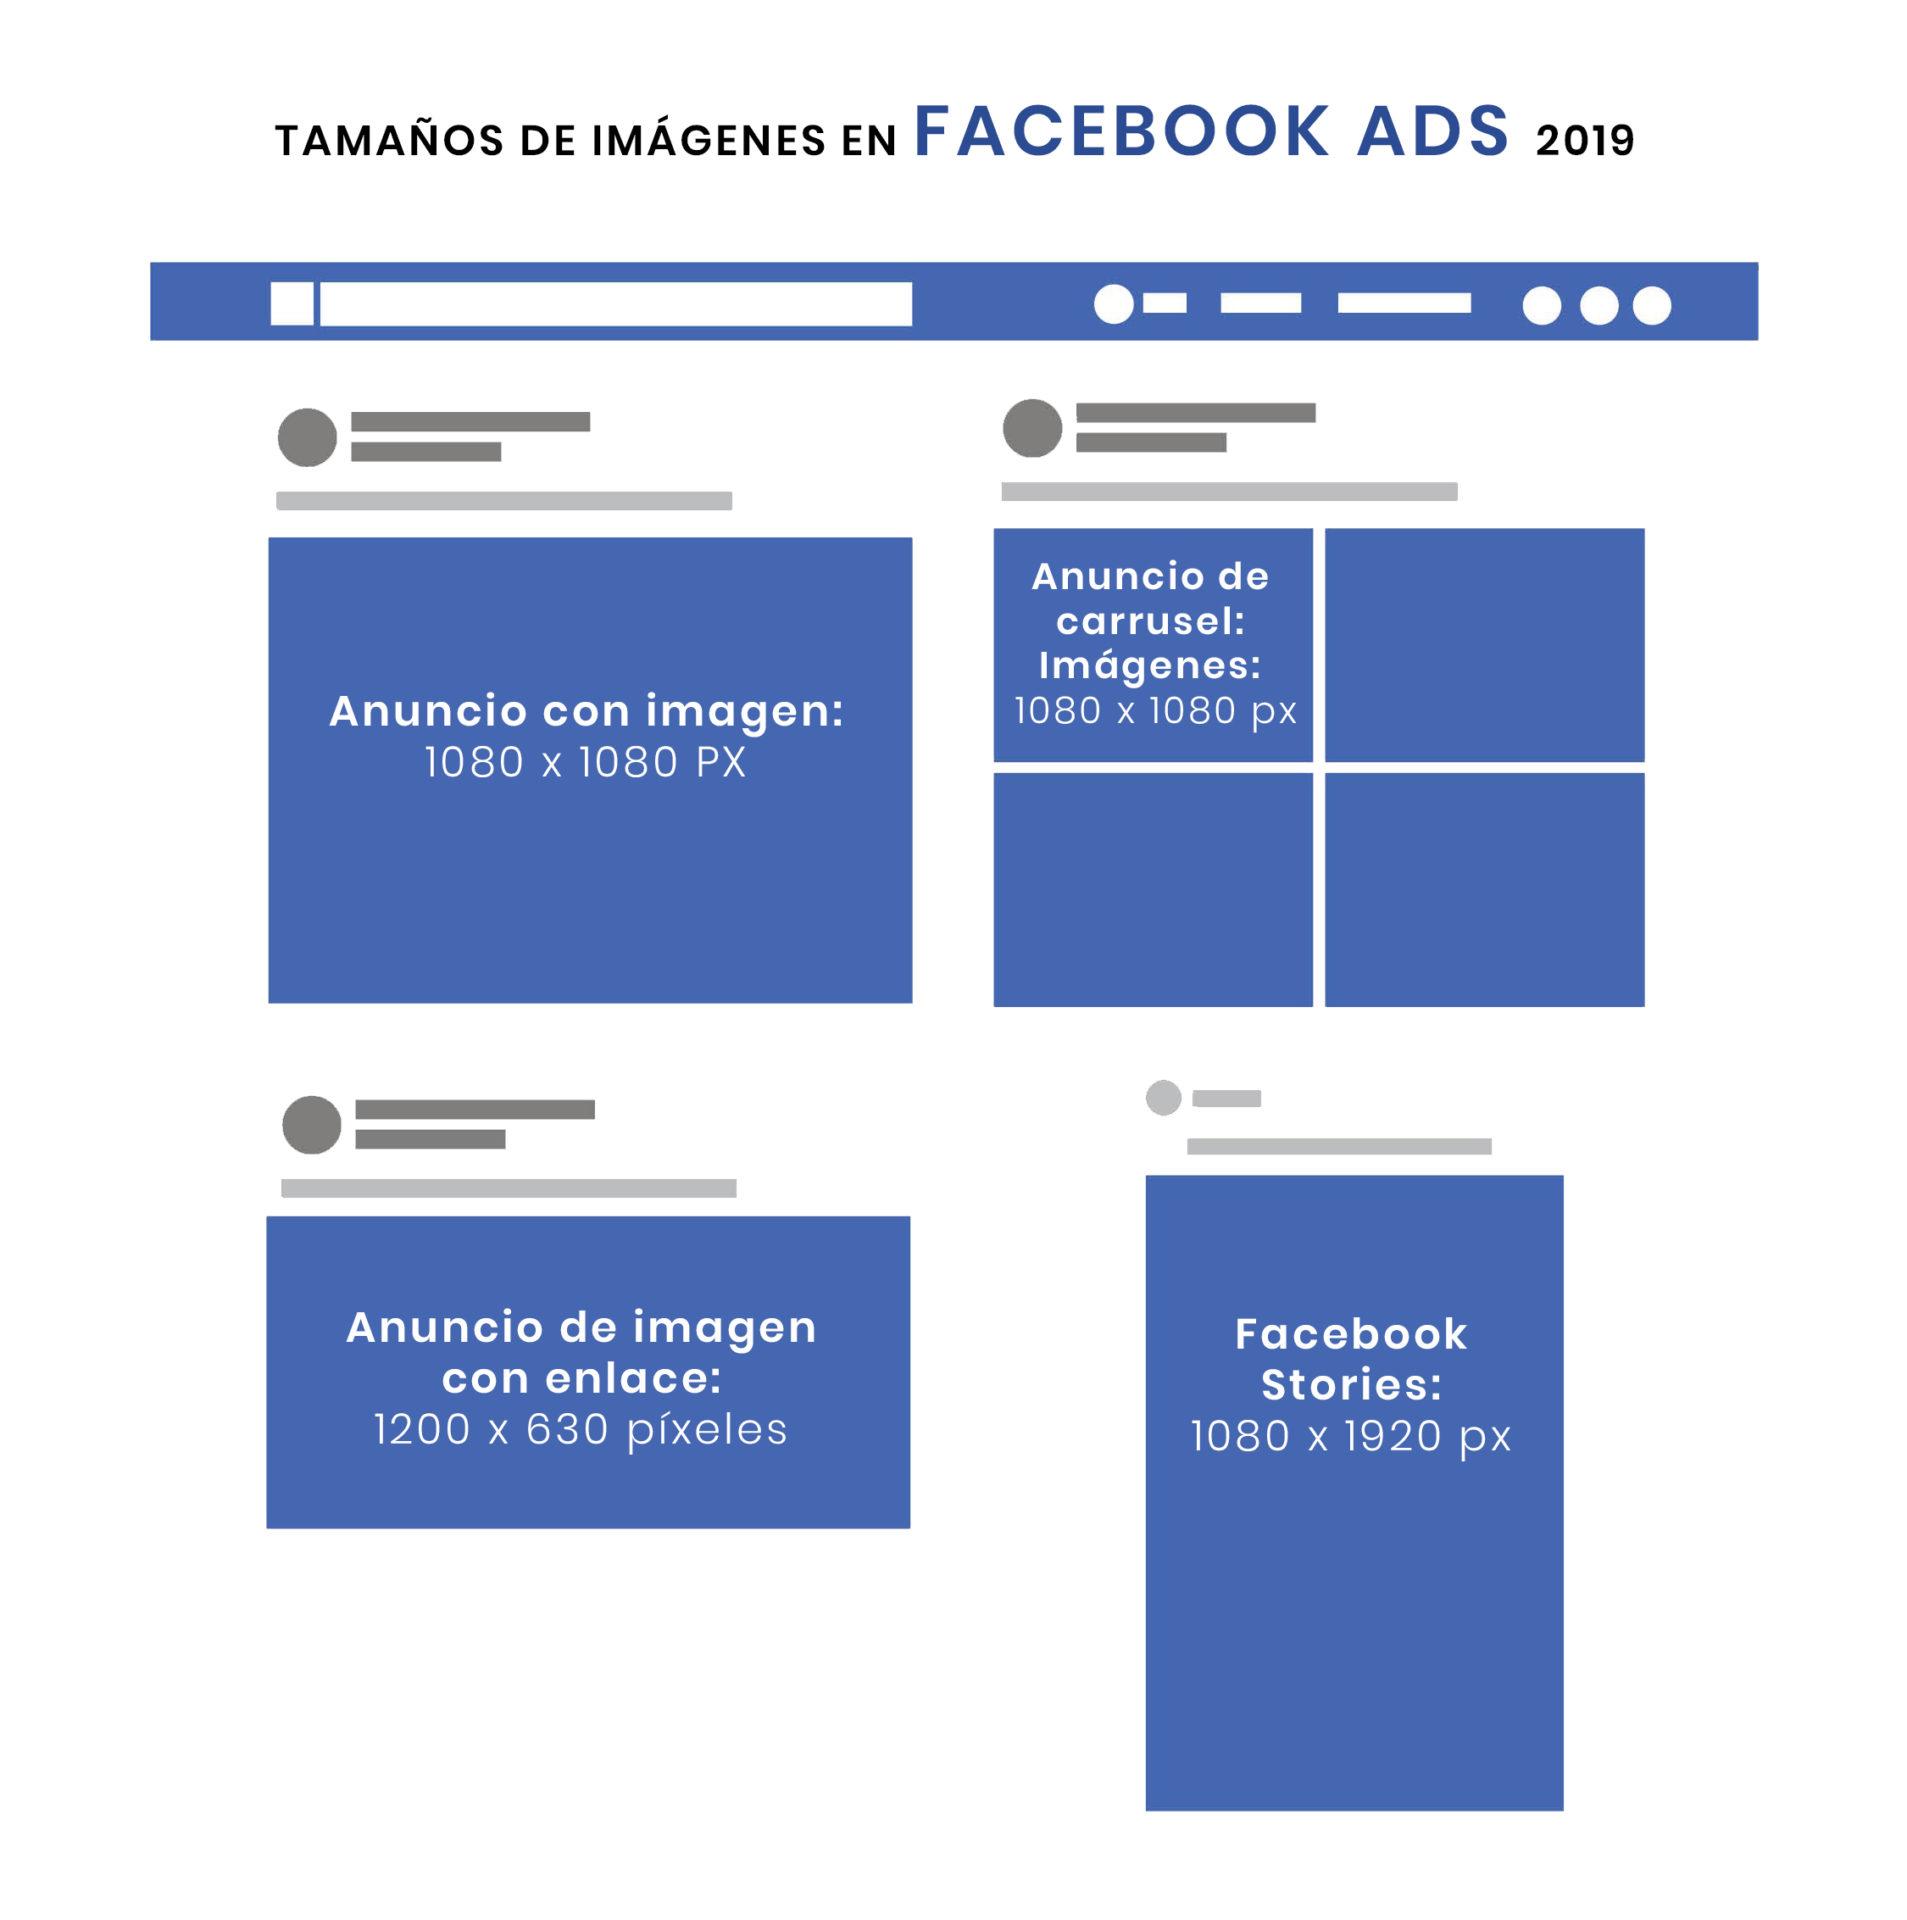 Tamaño de imágenes Facebook Ads 2019